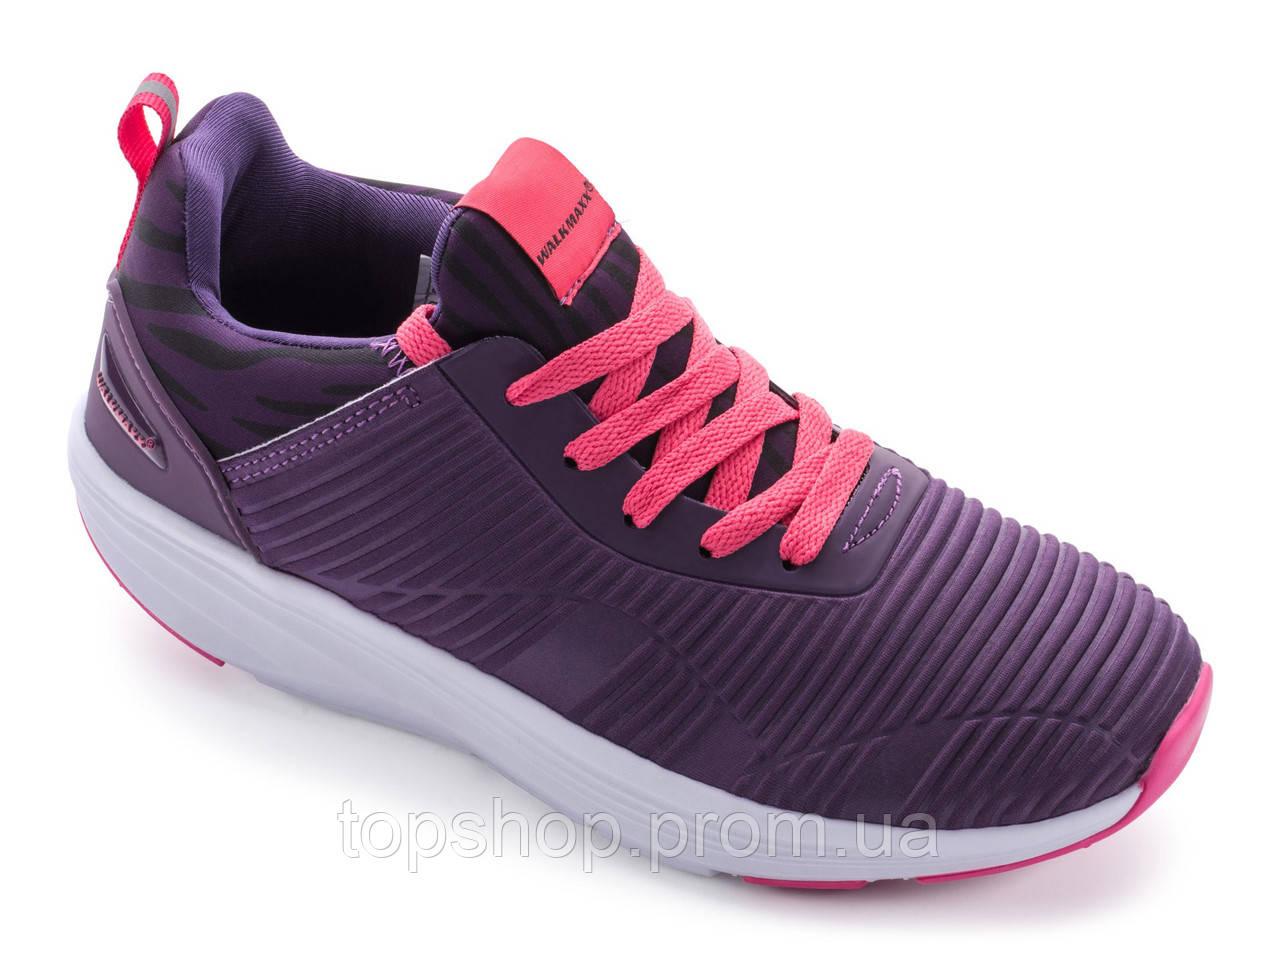 f5f872f58 Кроссовки Walkmaxx Comfort Athleisure 4.0 37 Пурпурный - TopShop - Товары с  TV. Официальный дистрибьютор